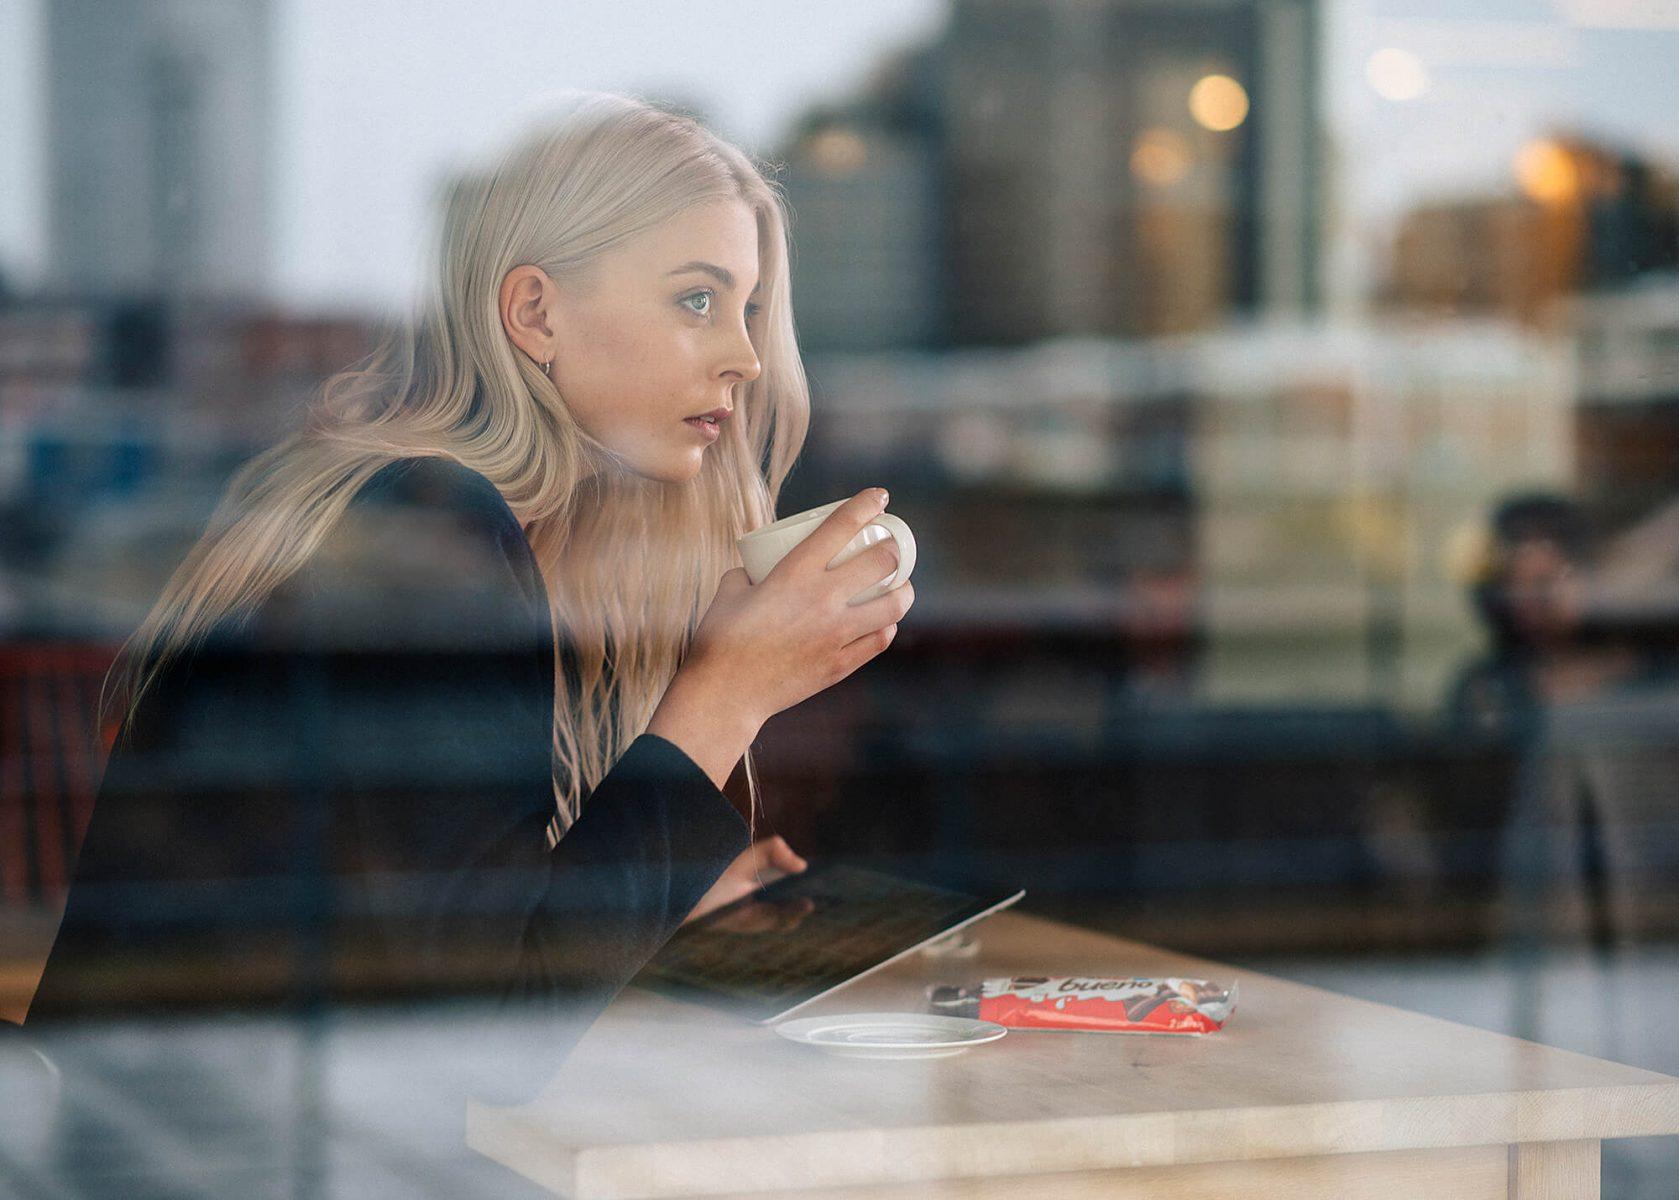 Lady drinking tea in café.